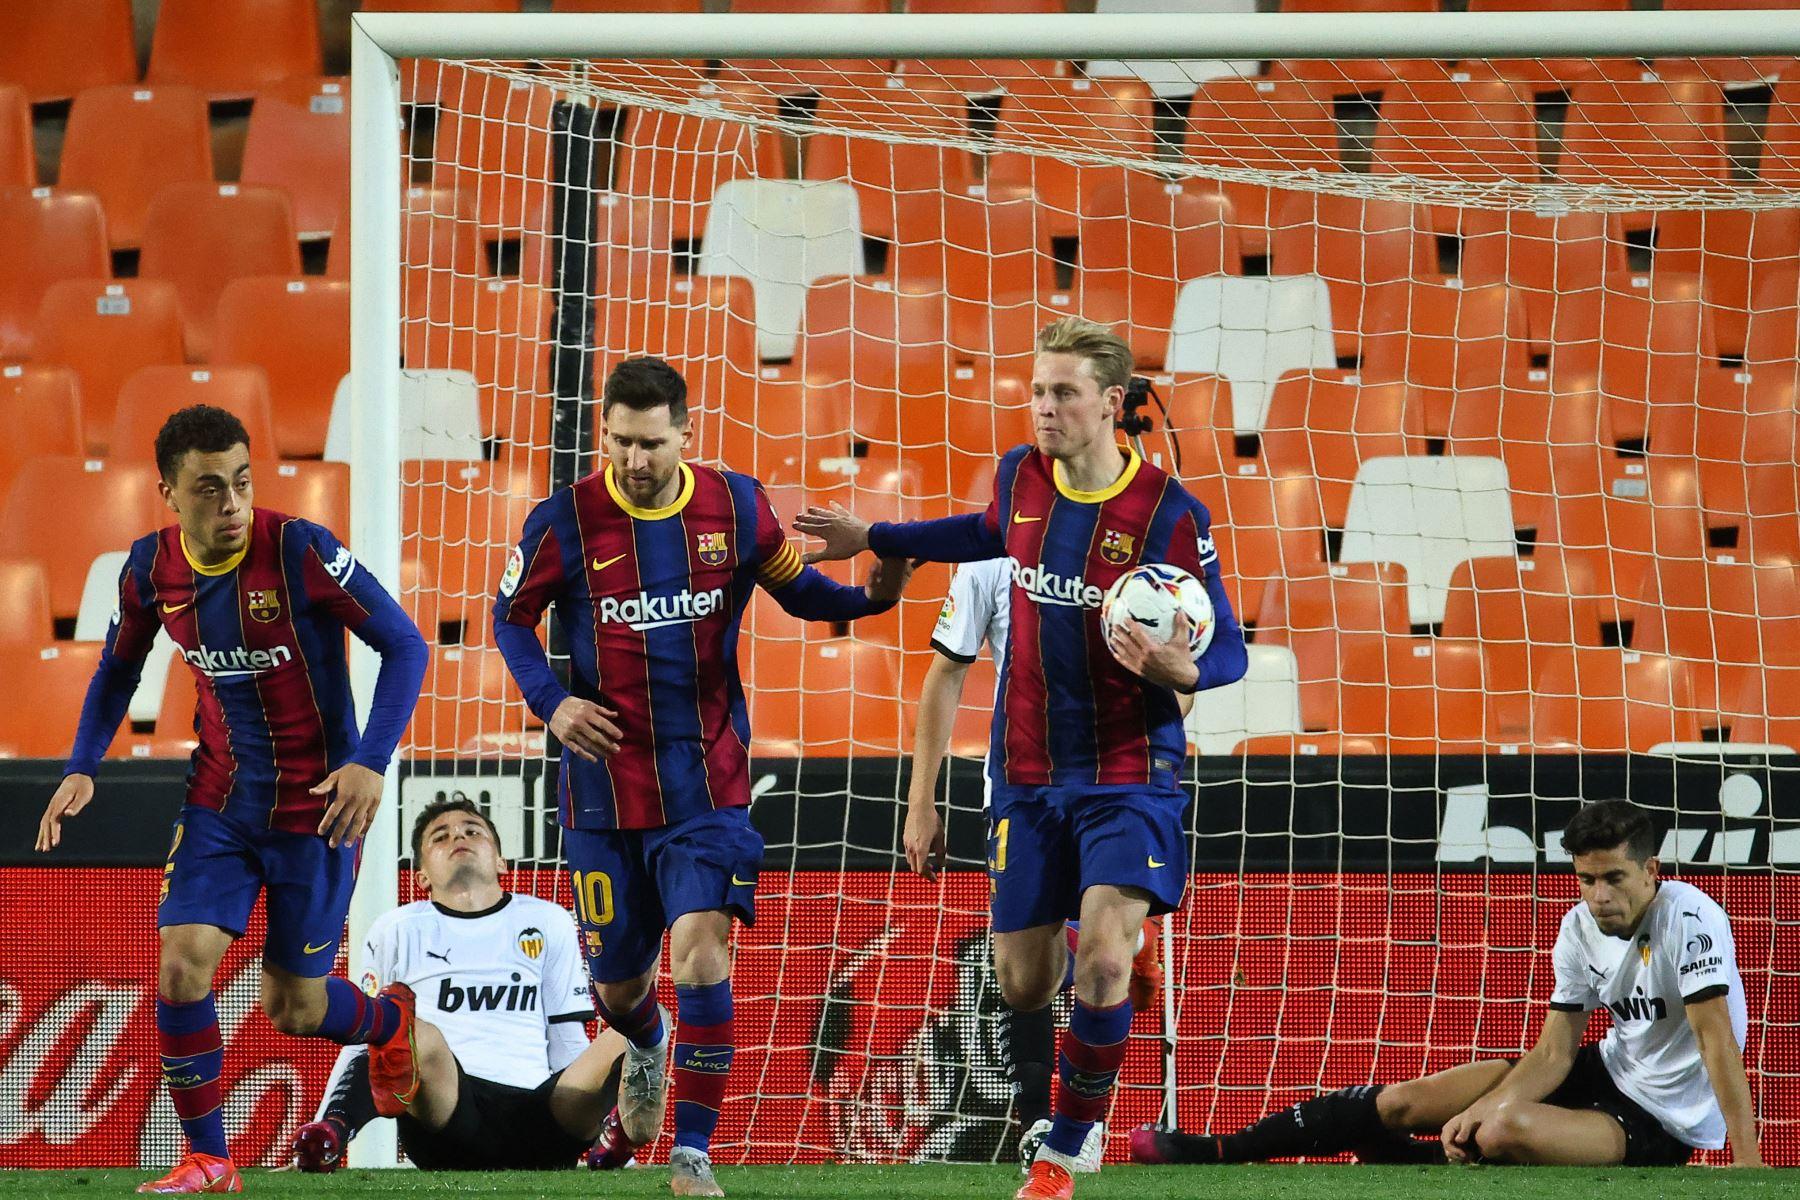 El delantero argentino del Barcelona Lionel Messi  celebra su gol con sus compañeros durante el partido de fútbol de la Liga española entre Valencia y Barcelona. Foto: AFP